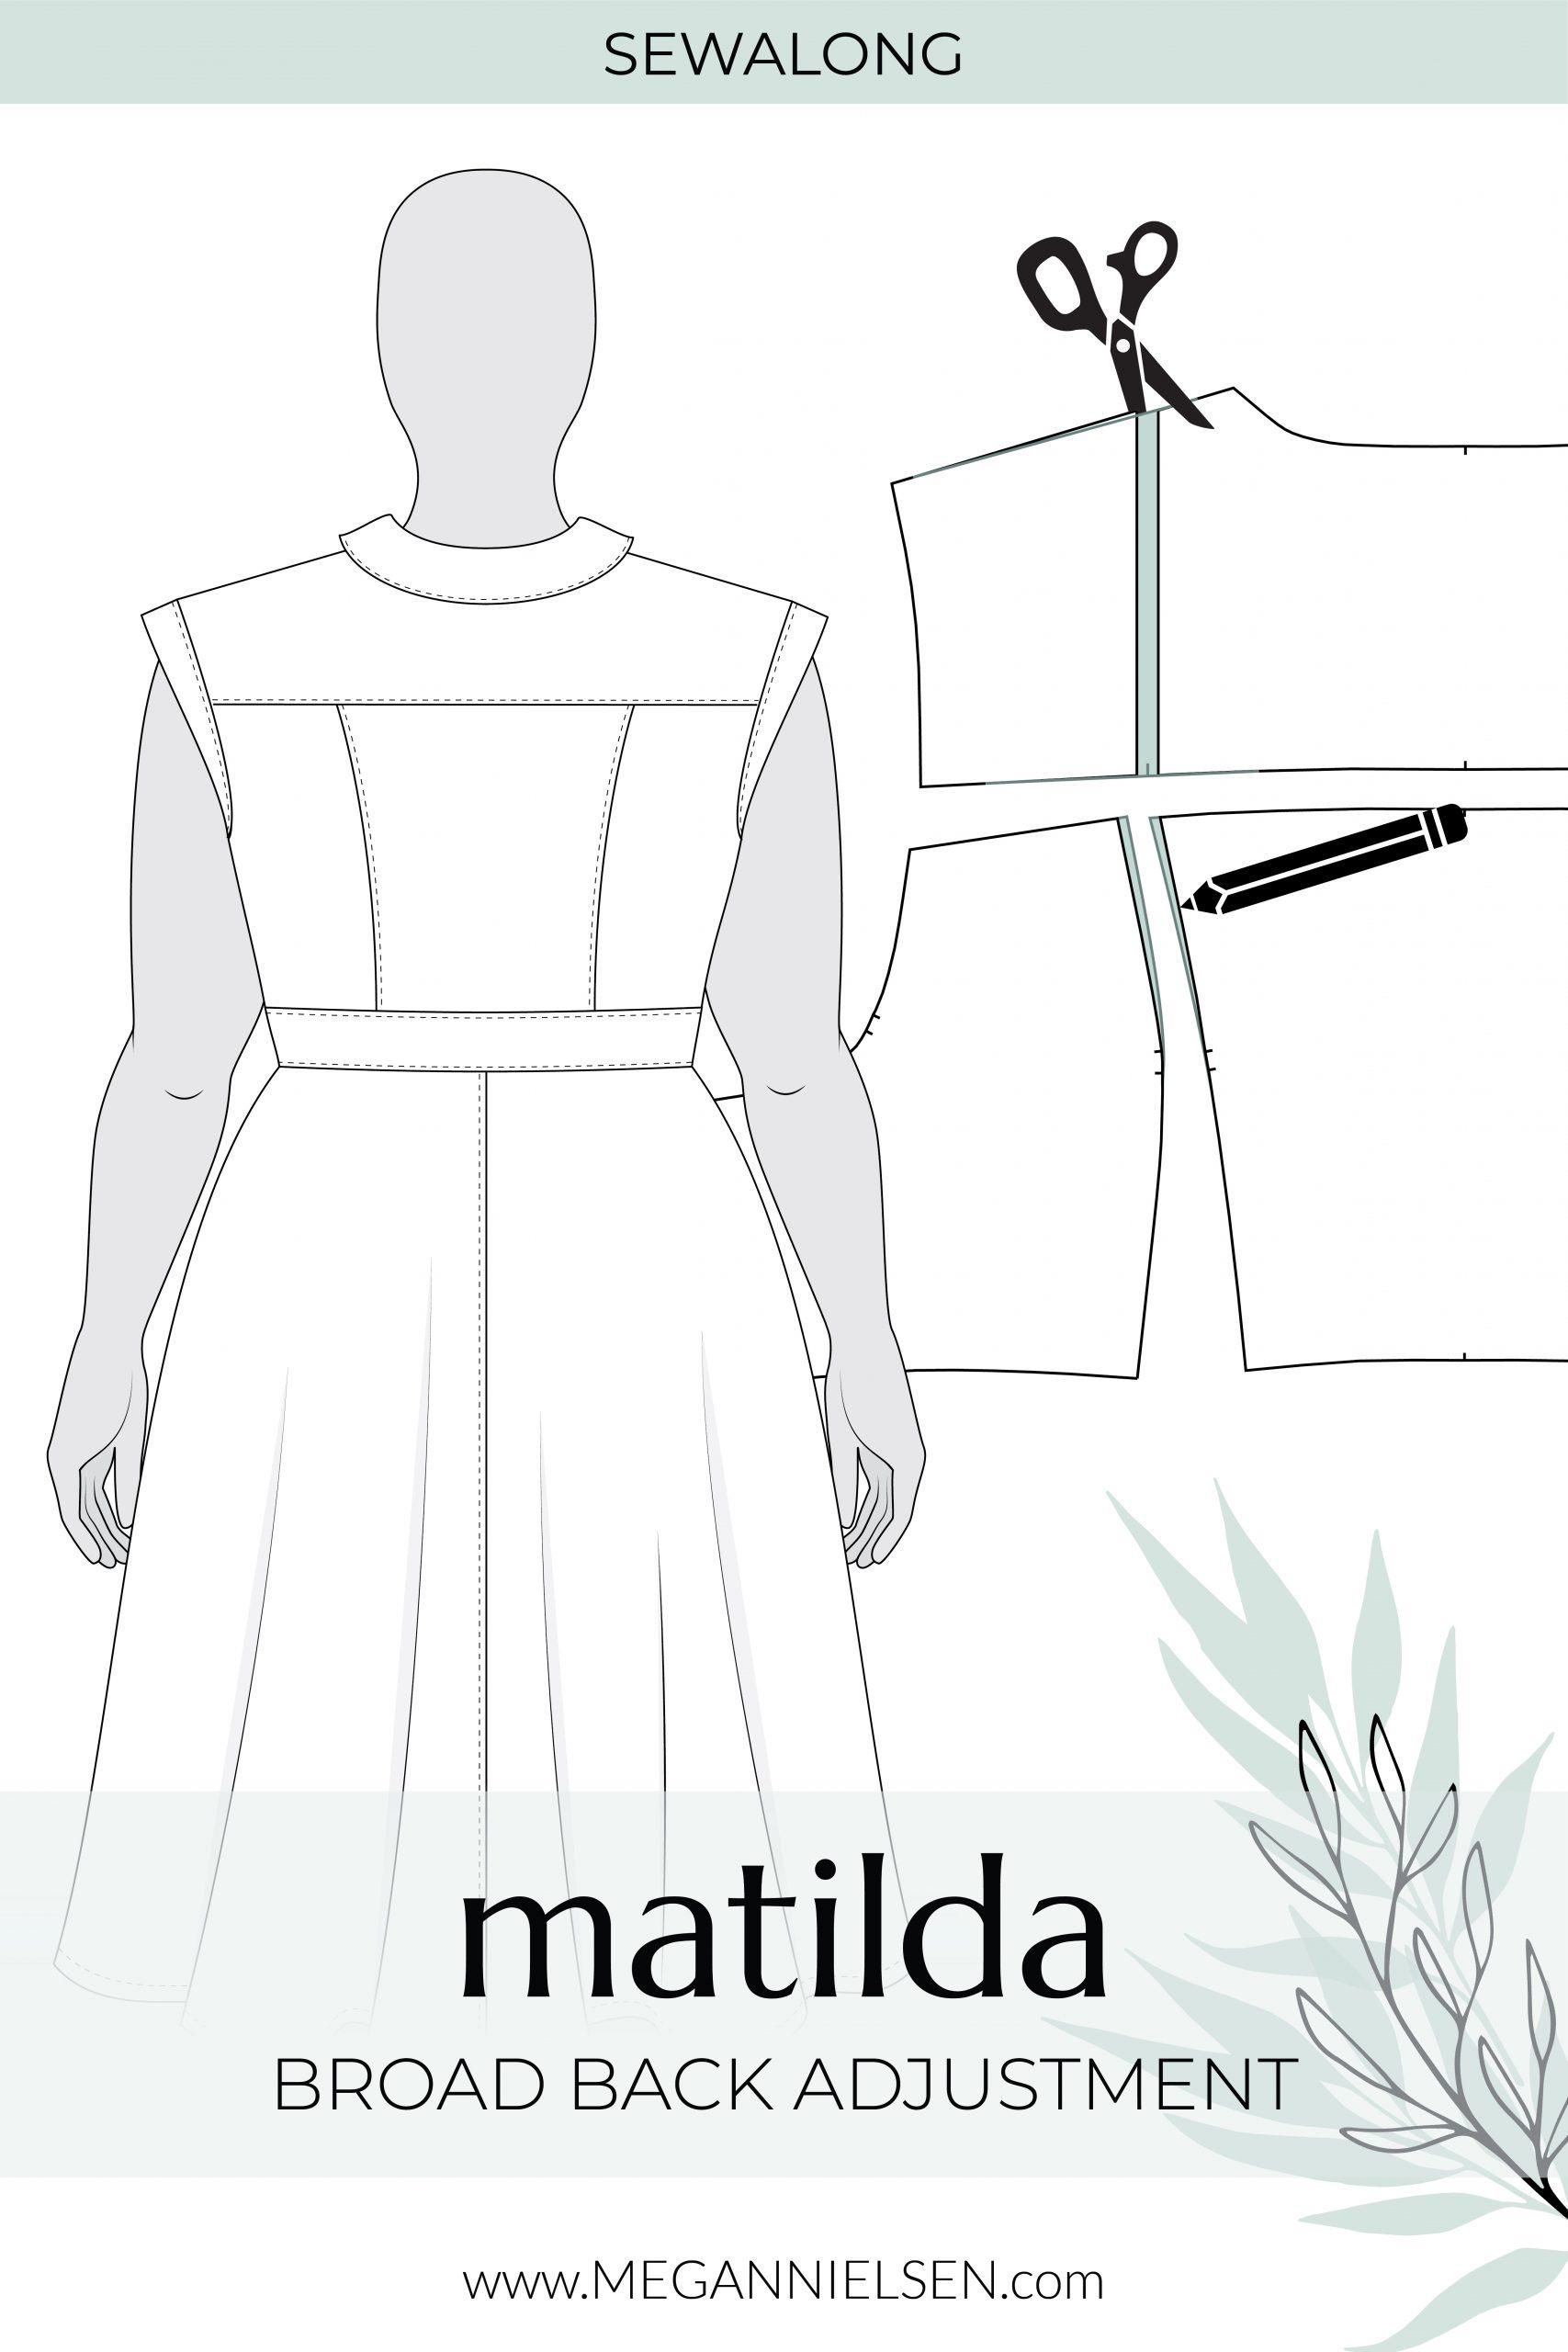 Megan Nielsen Patterns | Matilda Sewalong: Broad Back Adjustment